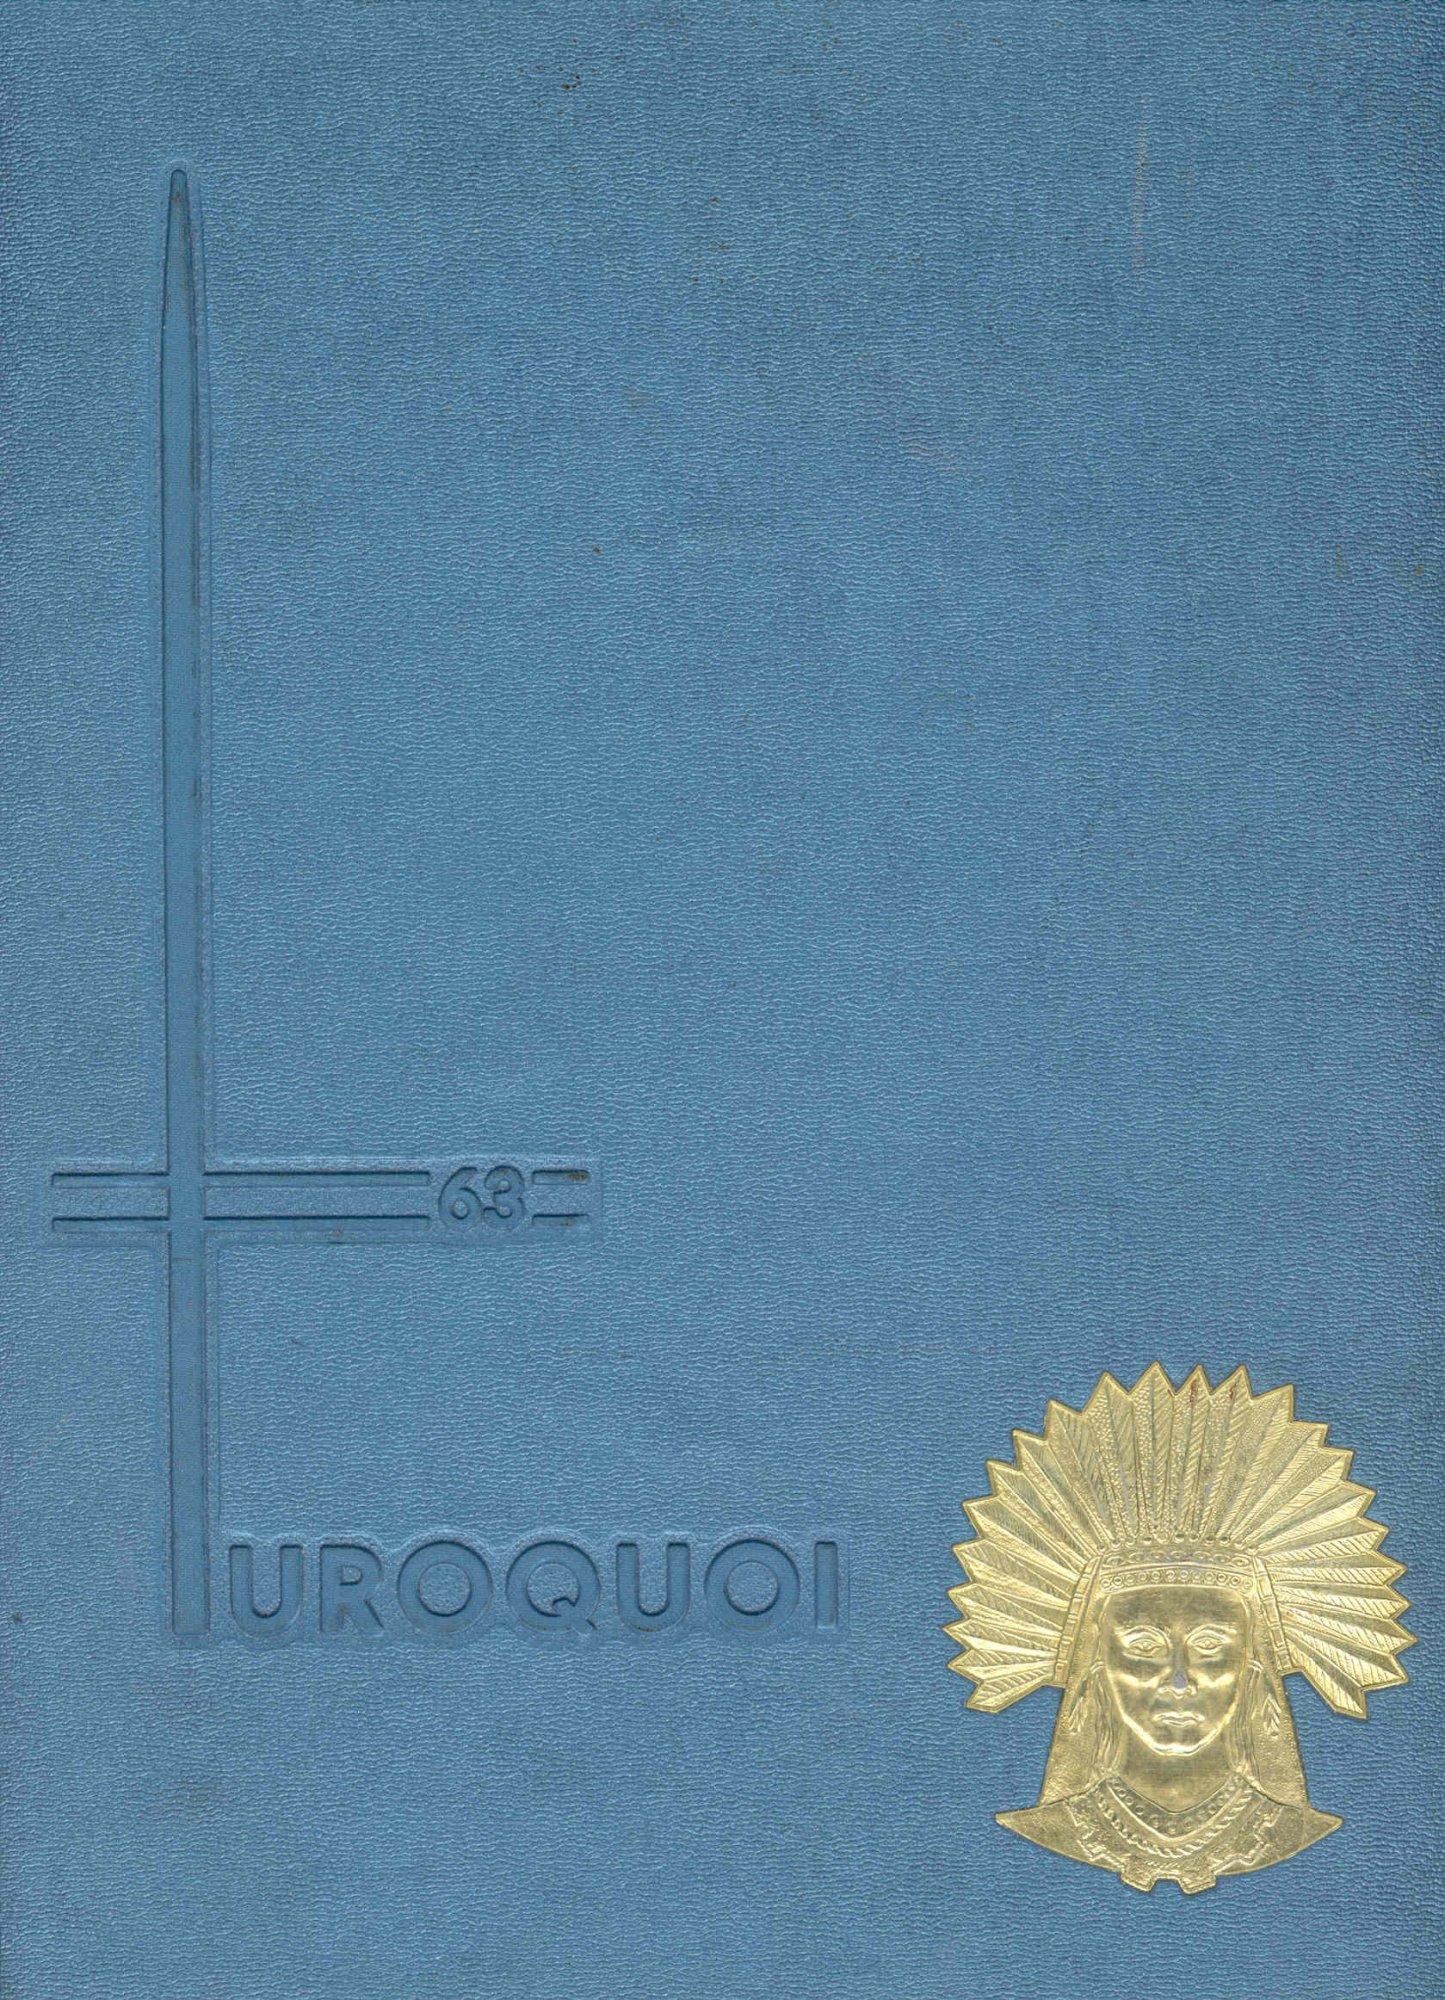 1963 annual